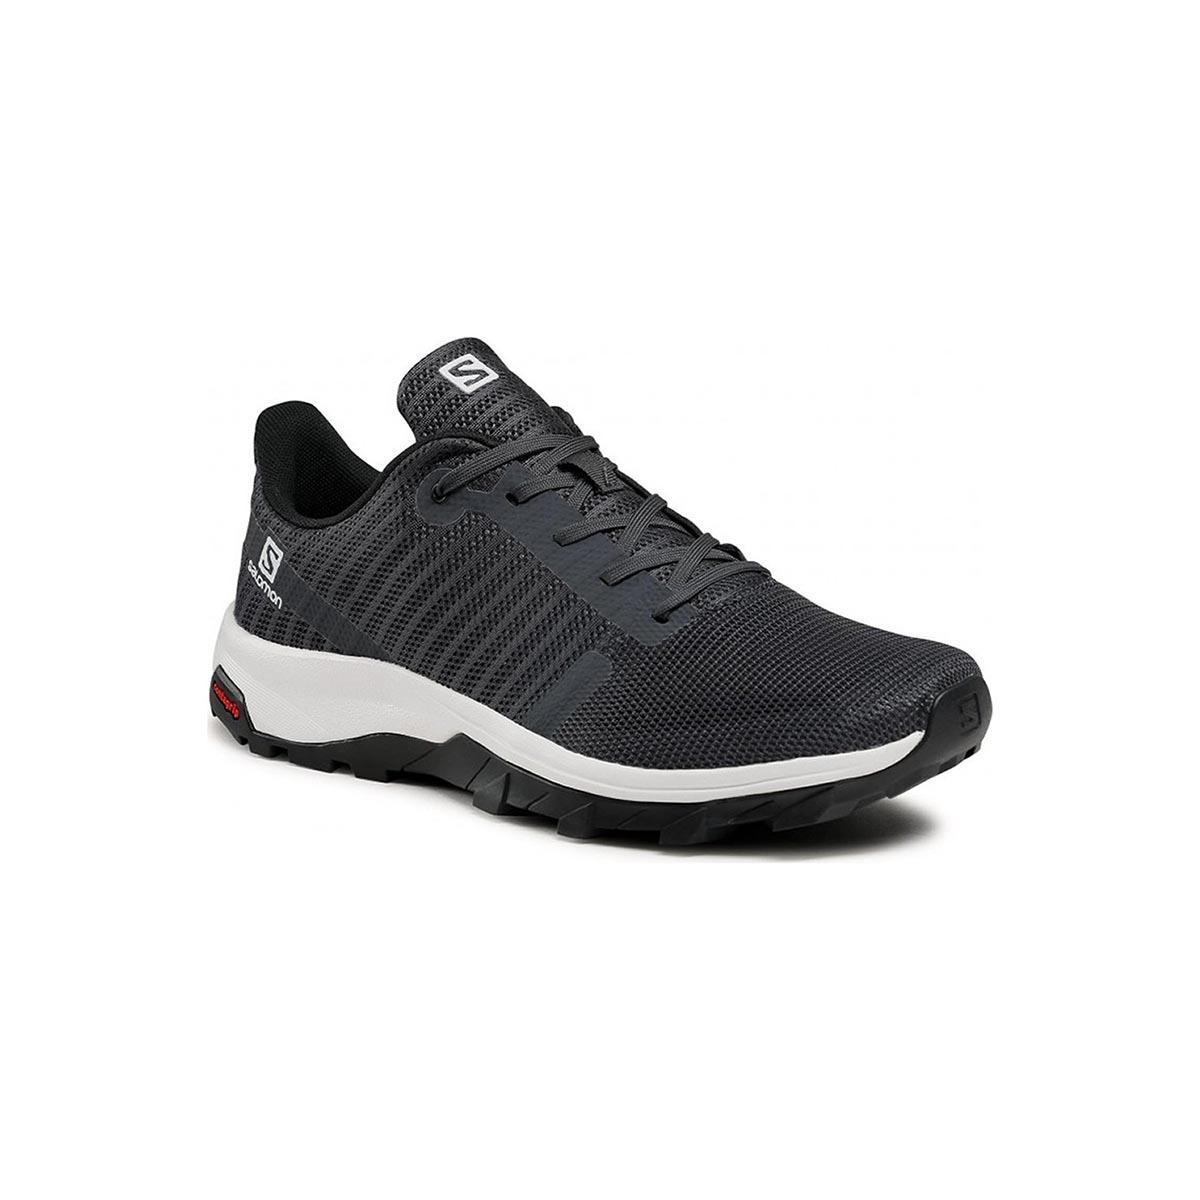 Salomon OUTBOUND PRISM Erkek Ayakkabısı L41267800